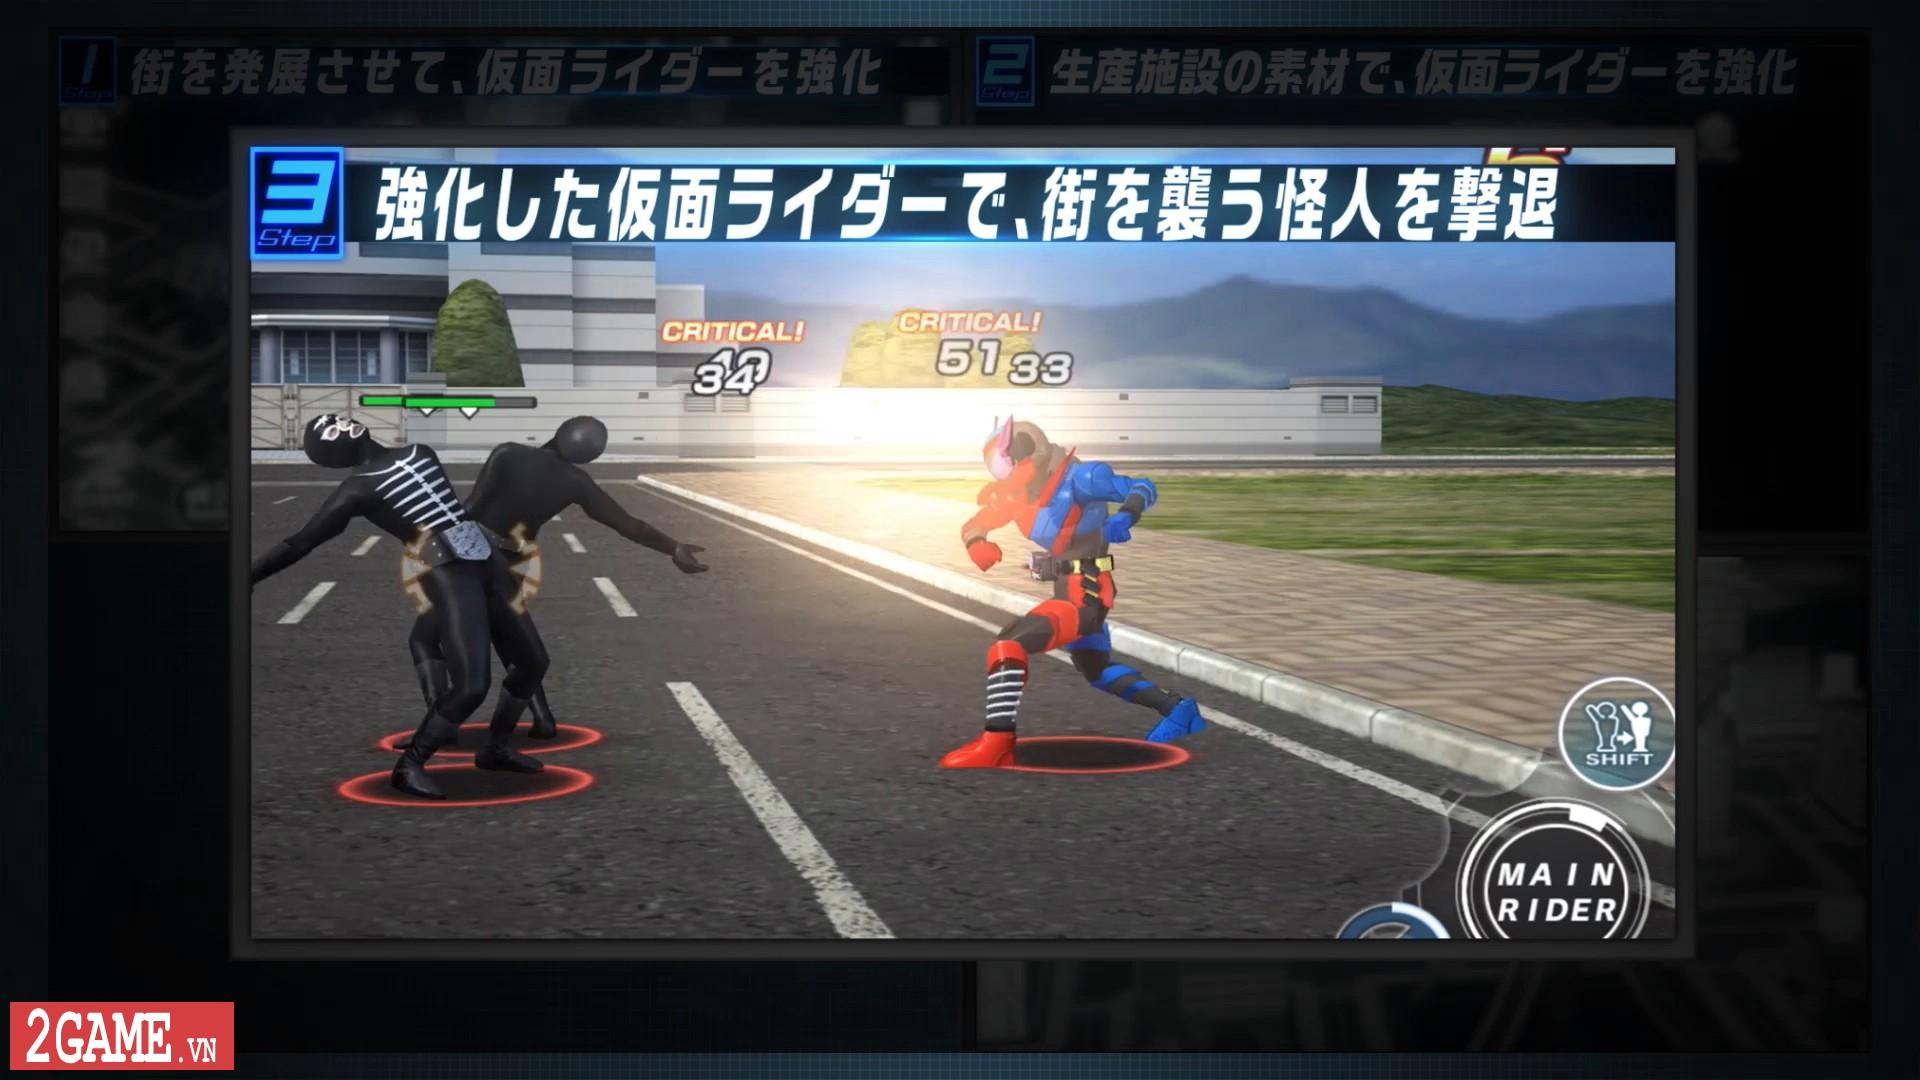 Kamen Rider: Climax Fighters - Game về Siêu nhân Phi Long bất ngờ đổ bộ lên nền tảng di động 5